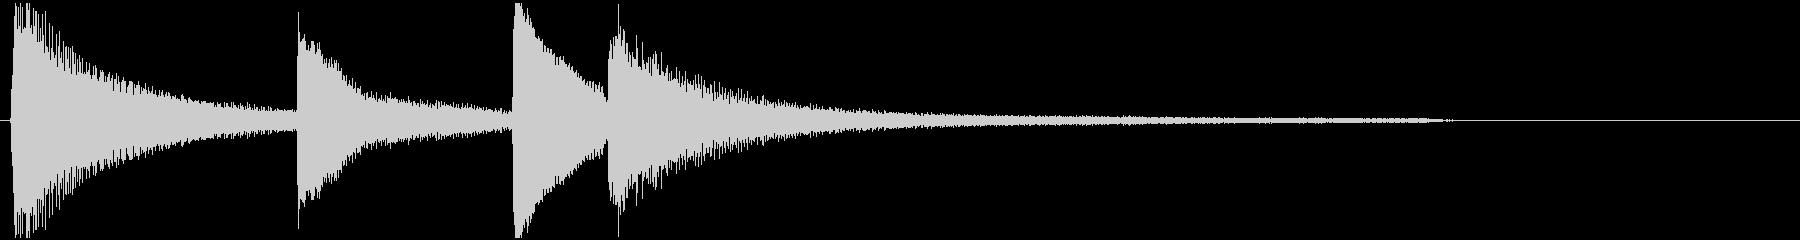 ぴえんな瞬間(ピアノ)Amの未再生の波形